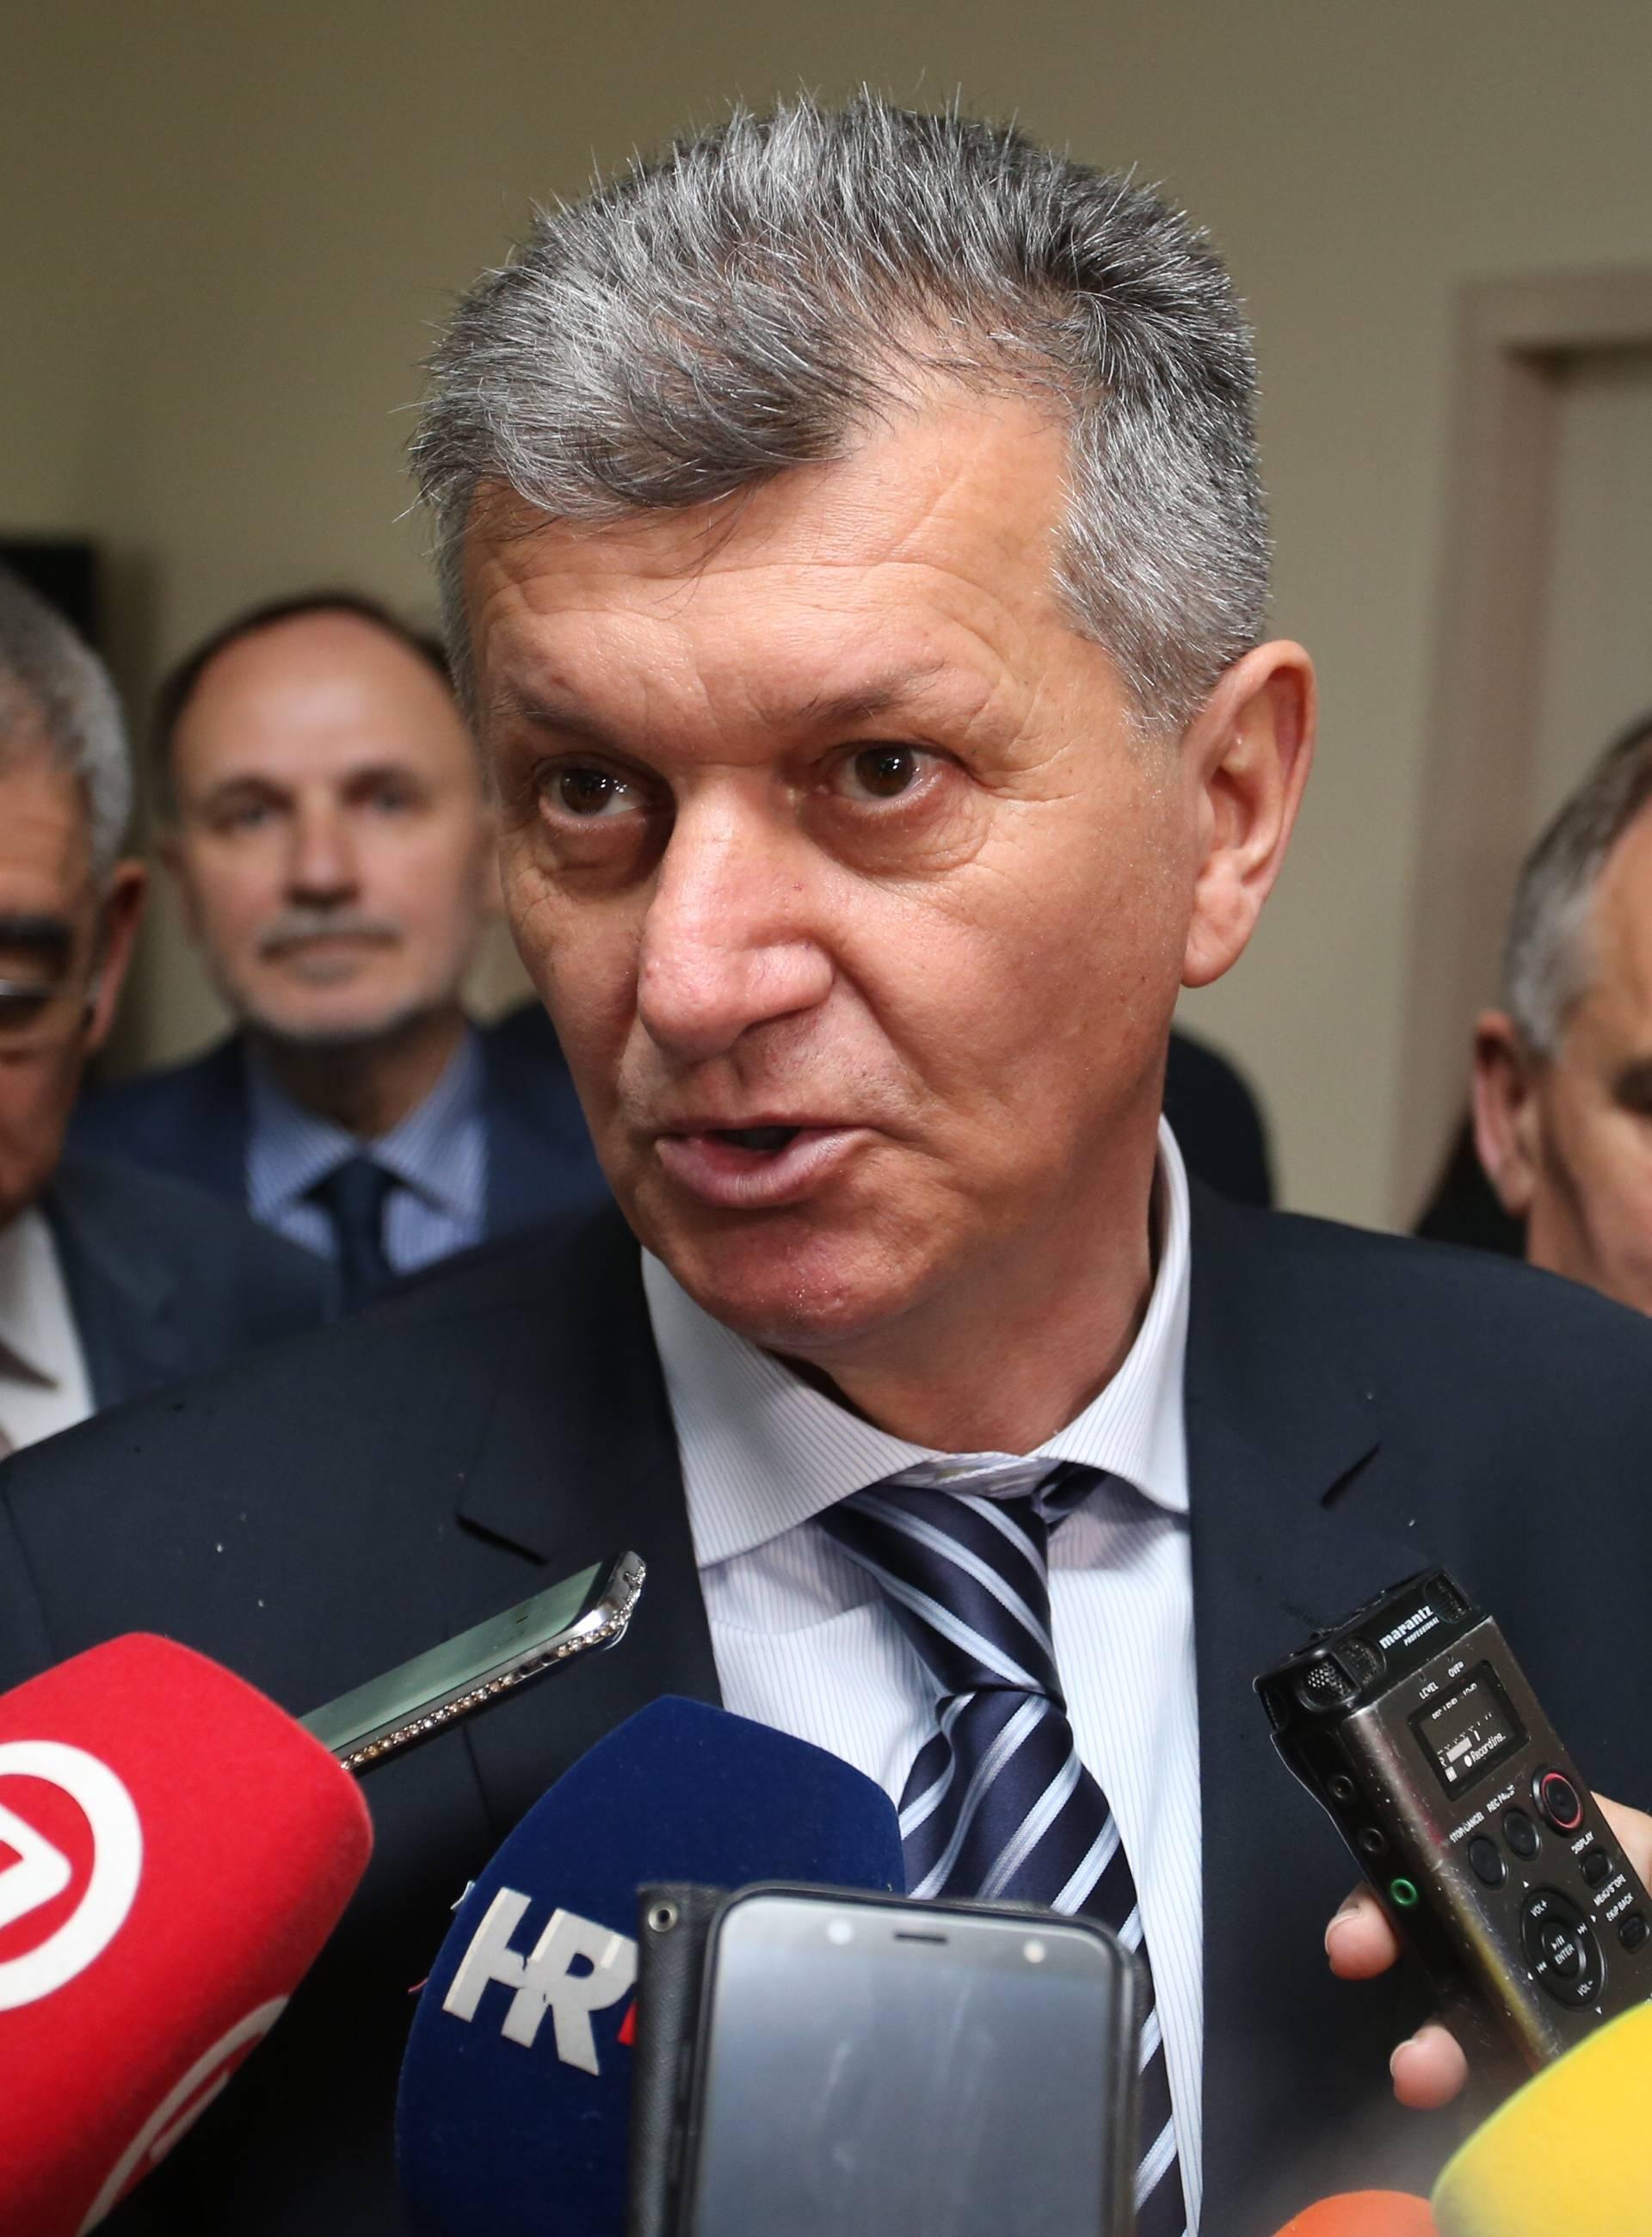 SPlit: Ministar Kujundžić u rad pustio novi MR uređaj